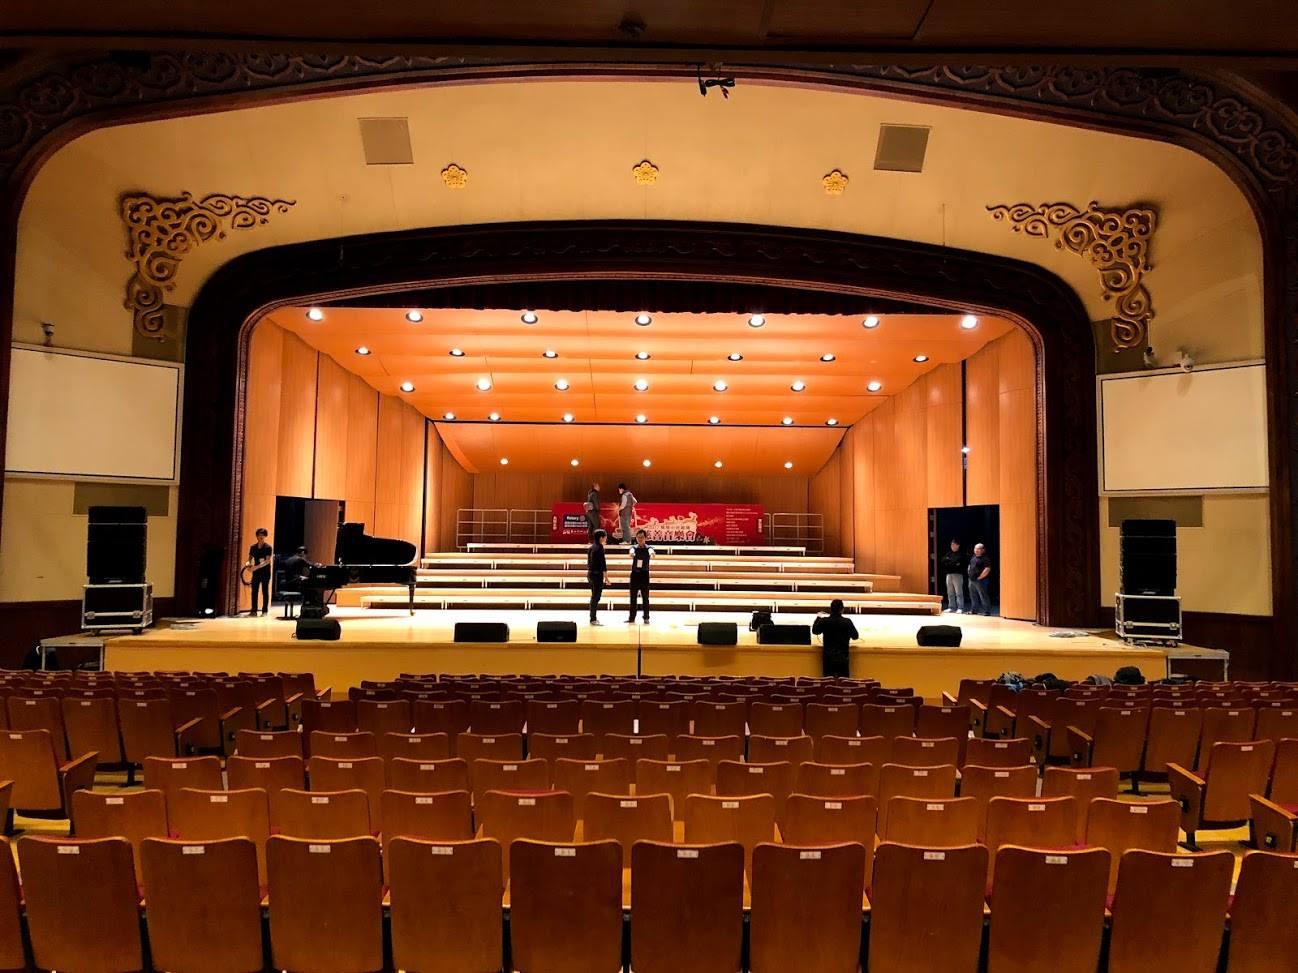 台北市中山堂中正廳1100座席的音響擴聲系統,主揚聲系統採用Bose ShowMatch線陣列系統